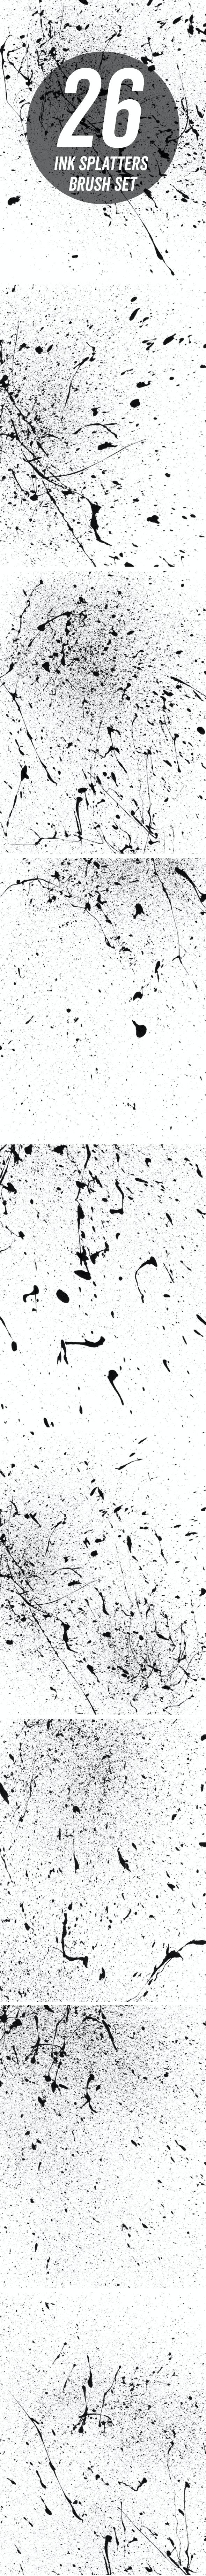 26 Ink Splatters Photoshop Brush Set - Brushes Photoshop